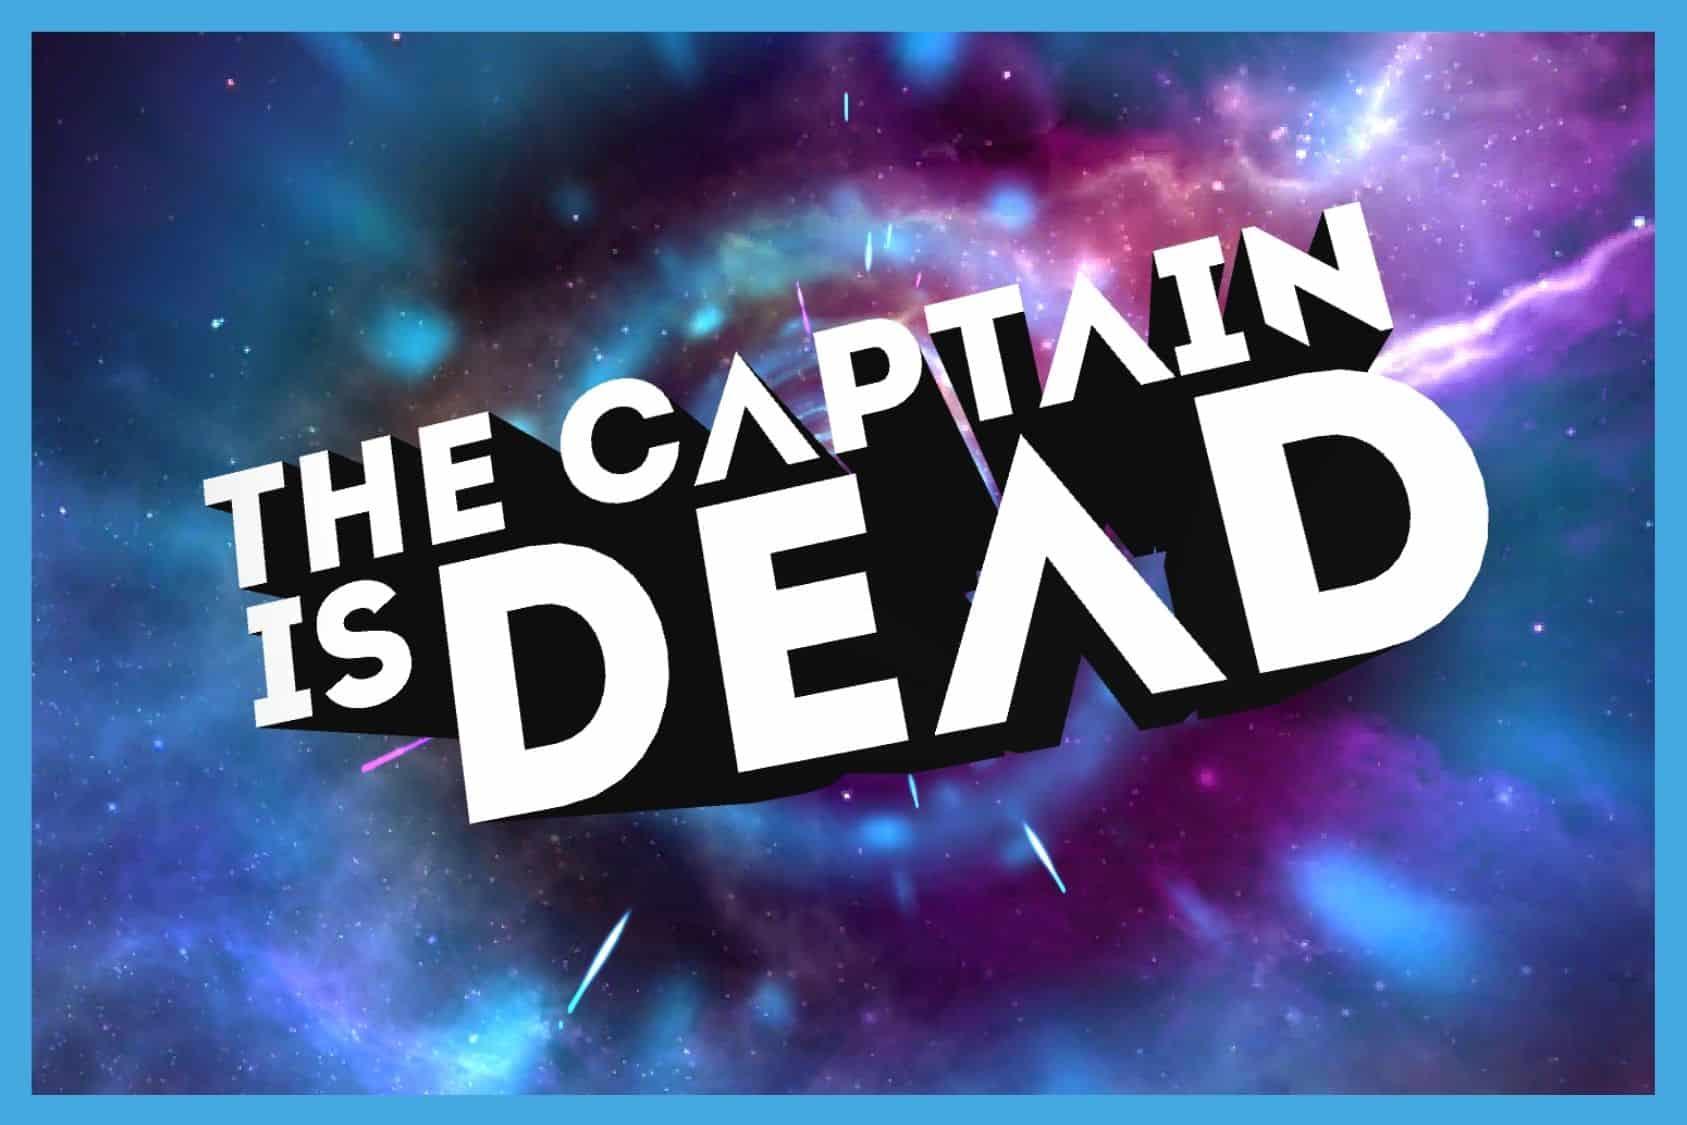 The Captain is Dead App Review